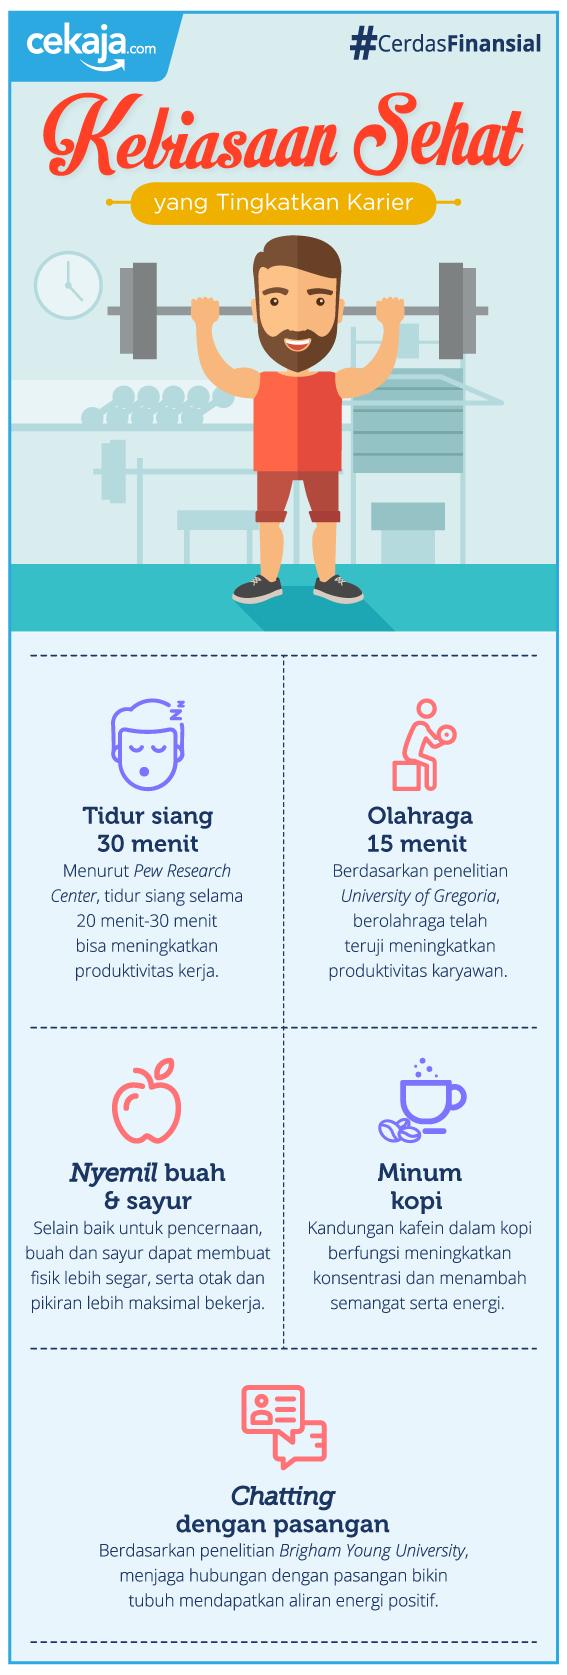 infografis_kebiasaan sehat di kantor - CekAja.com